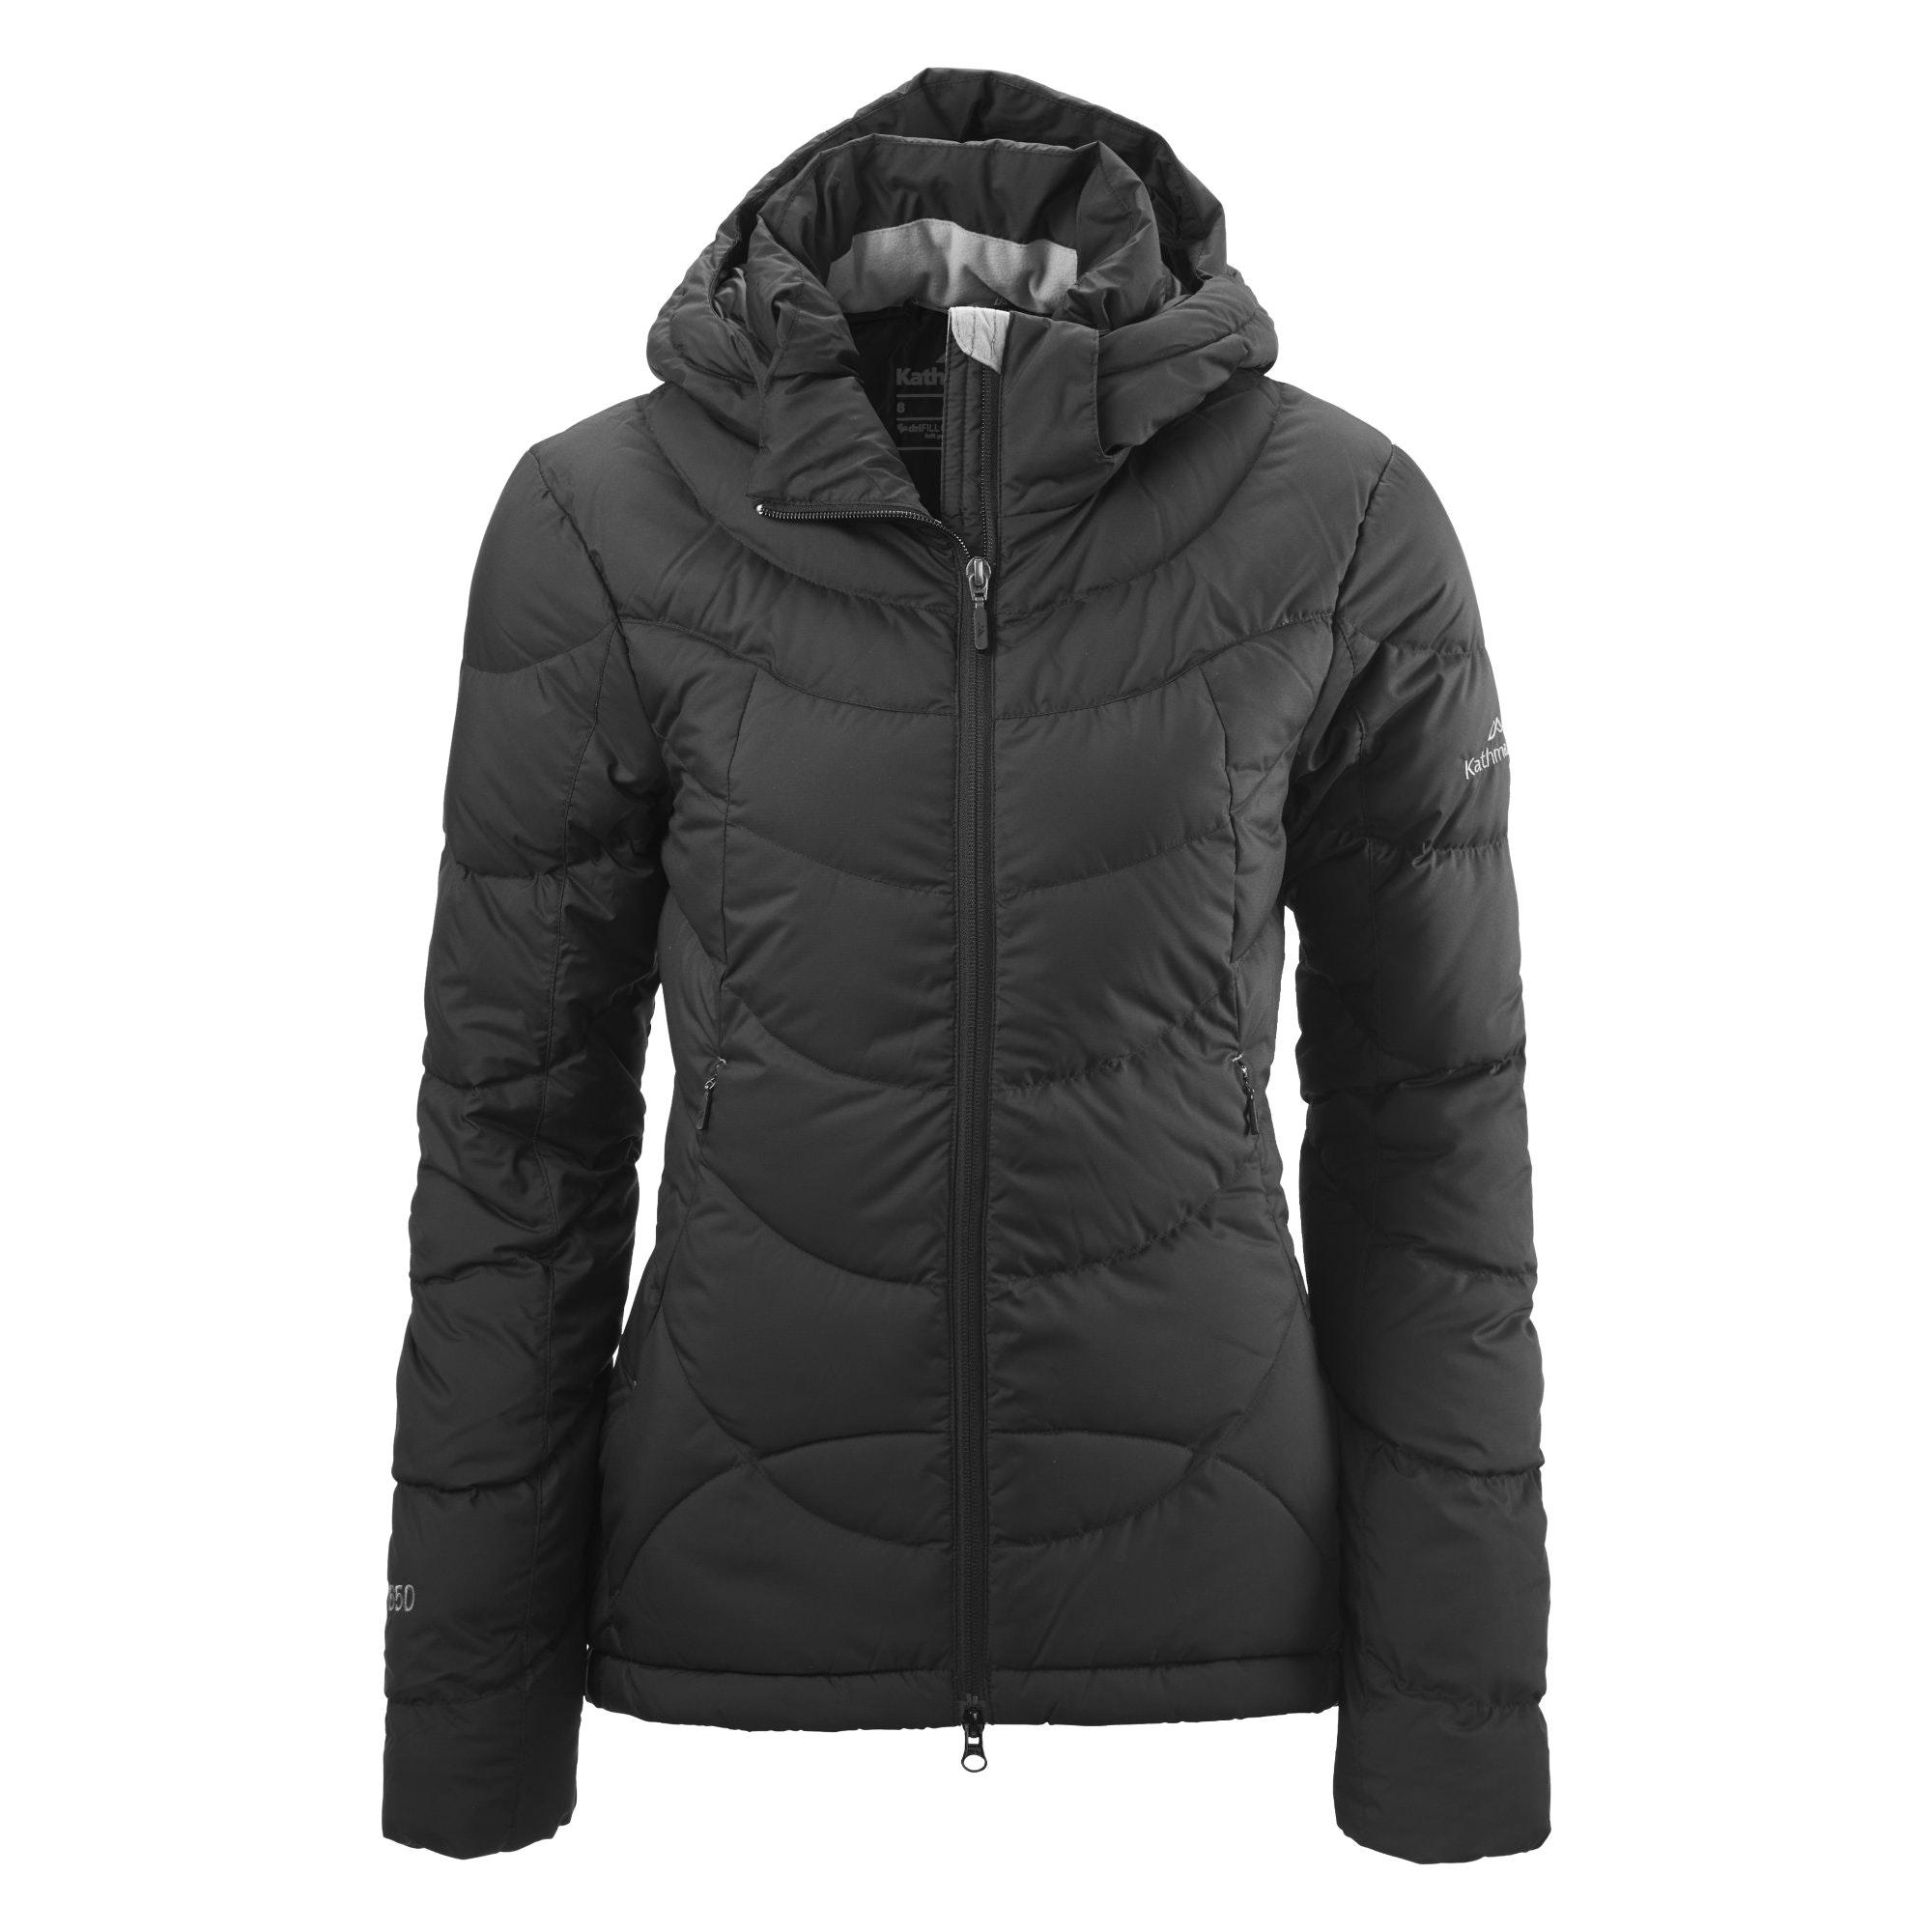 Warmest down coats for women